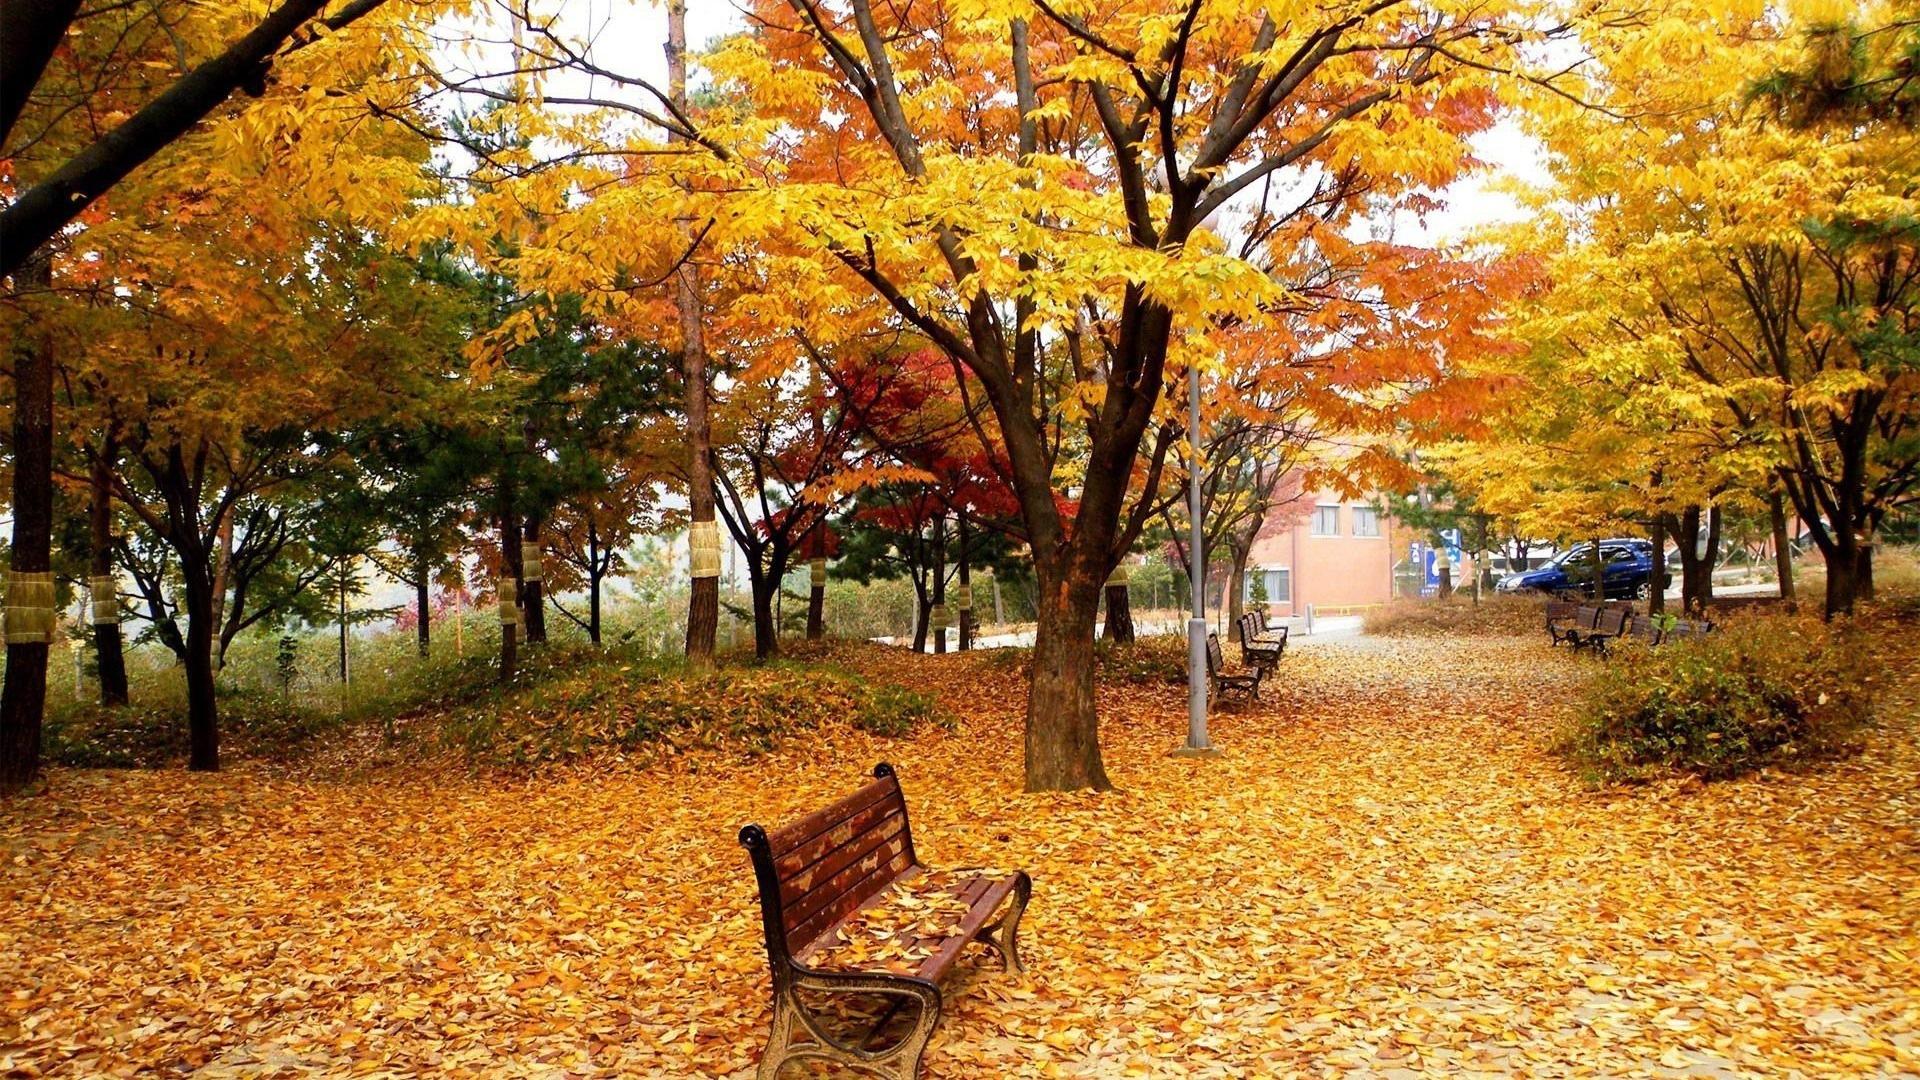 ウィンドウズ8 1テーマのhd壁紙 美しい秋の紅葉 3 19x1080 壁紙ダウンロード ウィンドウズ8 1テーマのhd壁紙 美しい秋の紅葉 システム 壁紙 V3の壁紙